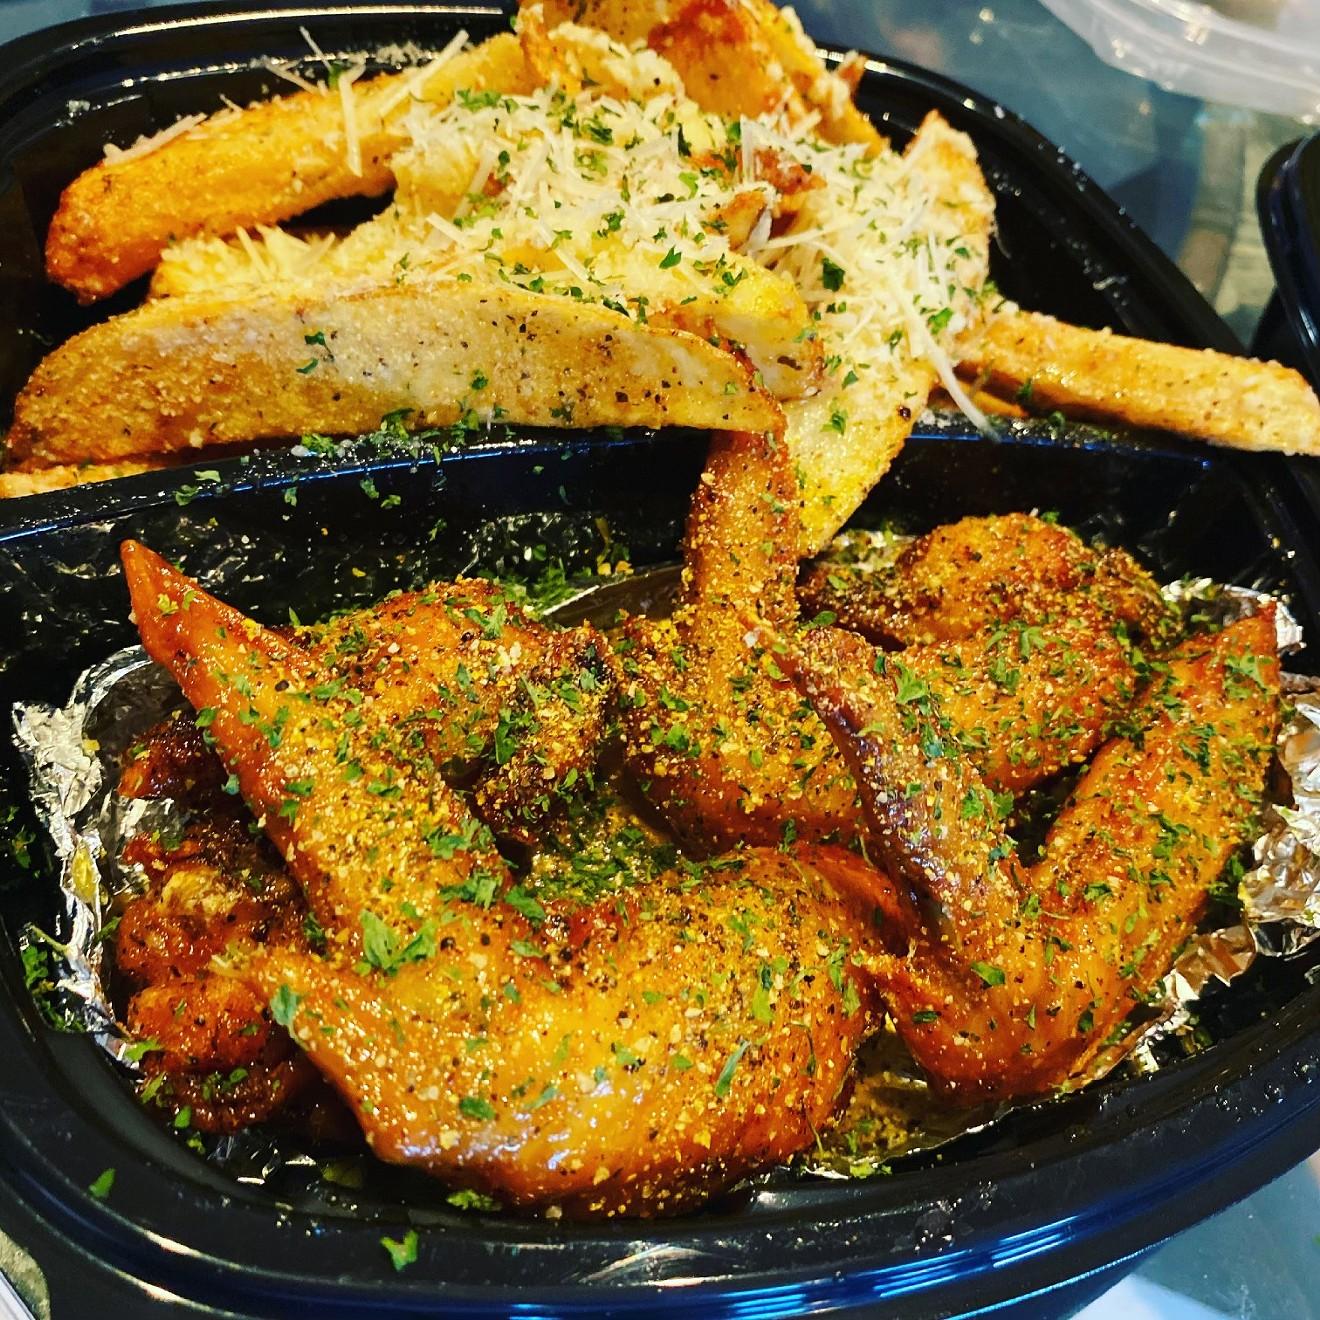 Wing-N-It serves a fan favorite, honey lemon-pepper wings along with hand-cut fries.